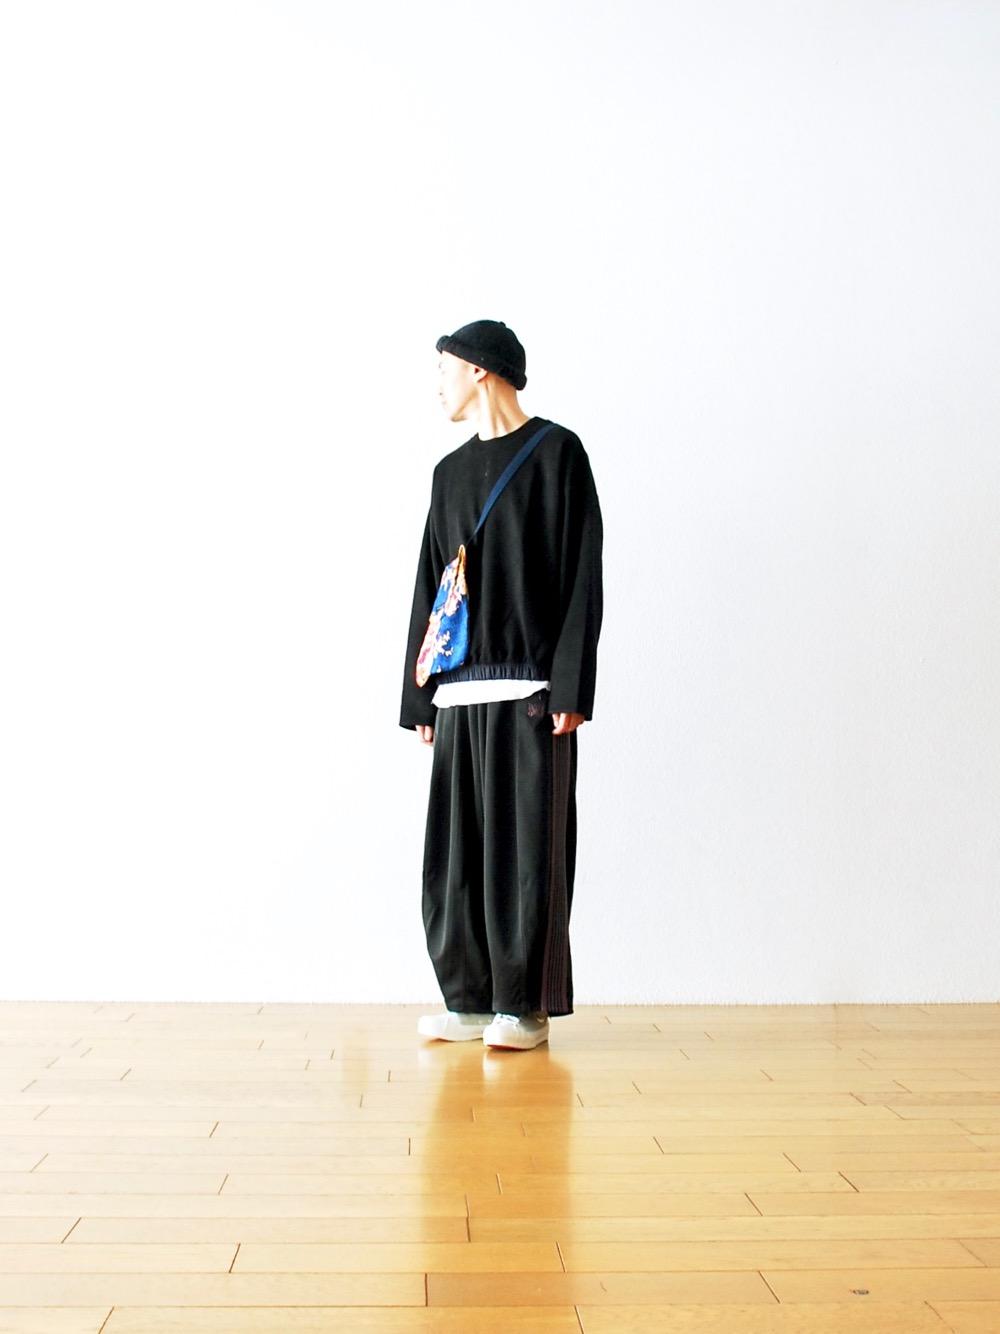 有別於硬挺面料的運用,挑選人造材質製成、具有光澤感且輕薄的寬褲更能完美表現出獨有的垂墜感